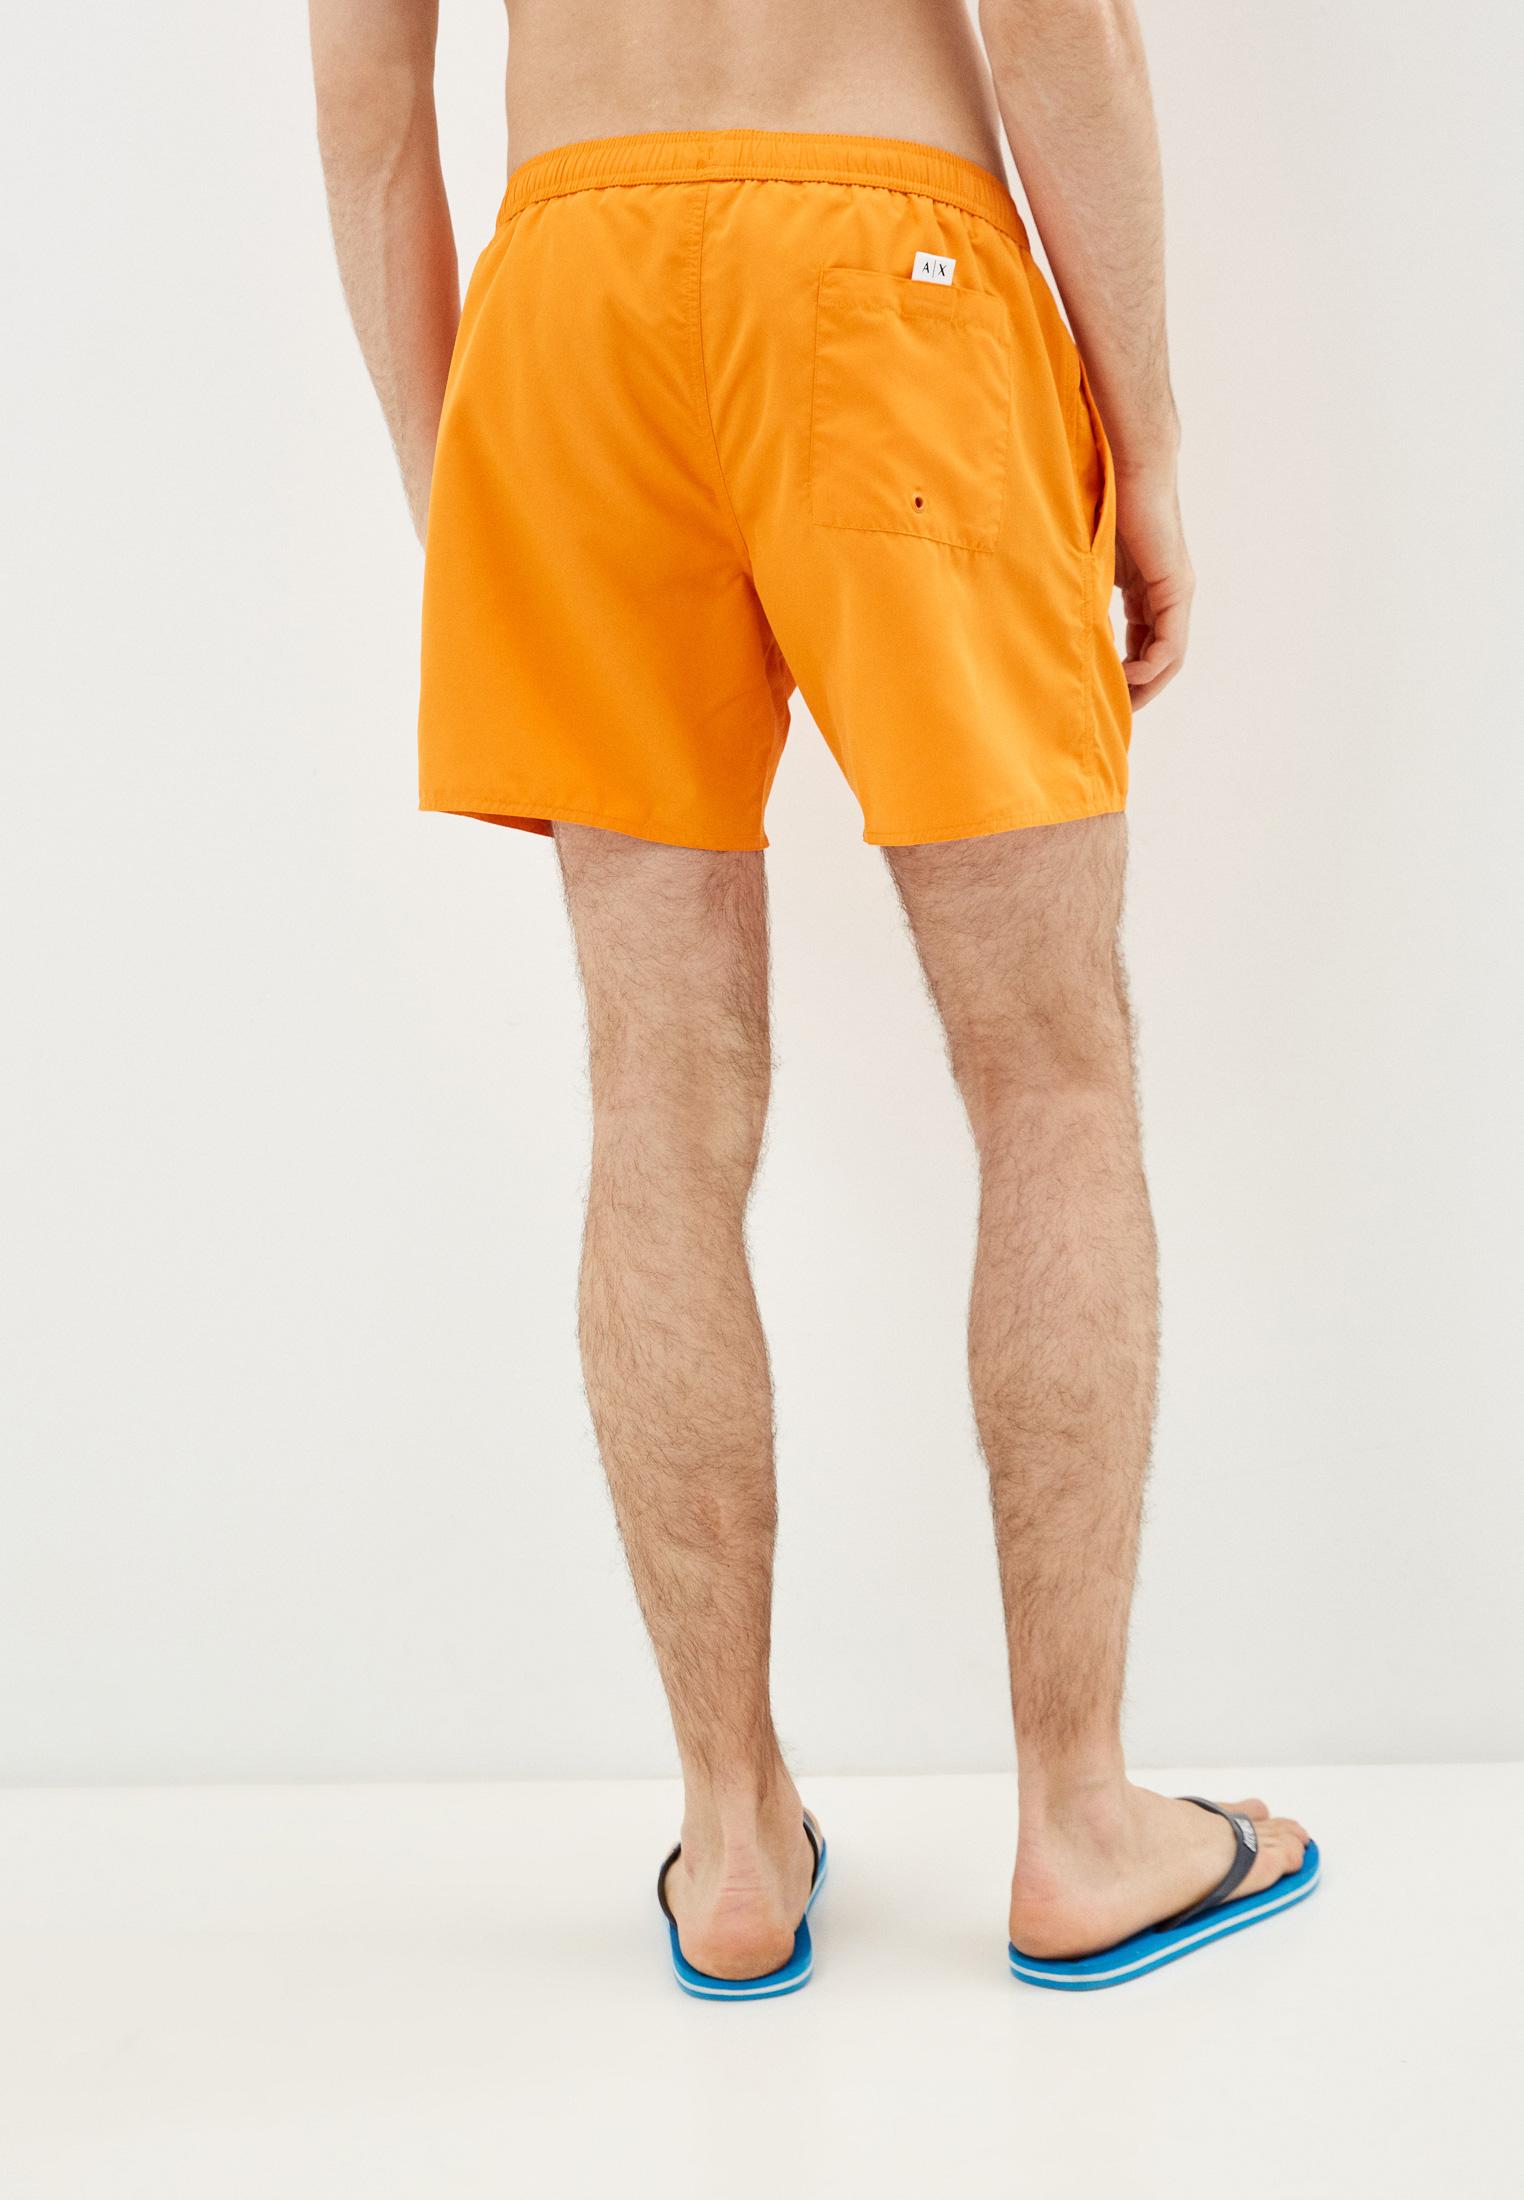 Мужские шорты для плавания Armani Exchange 953001 1P620: изображение 2